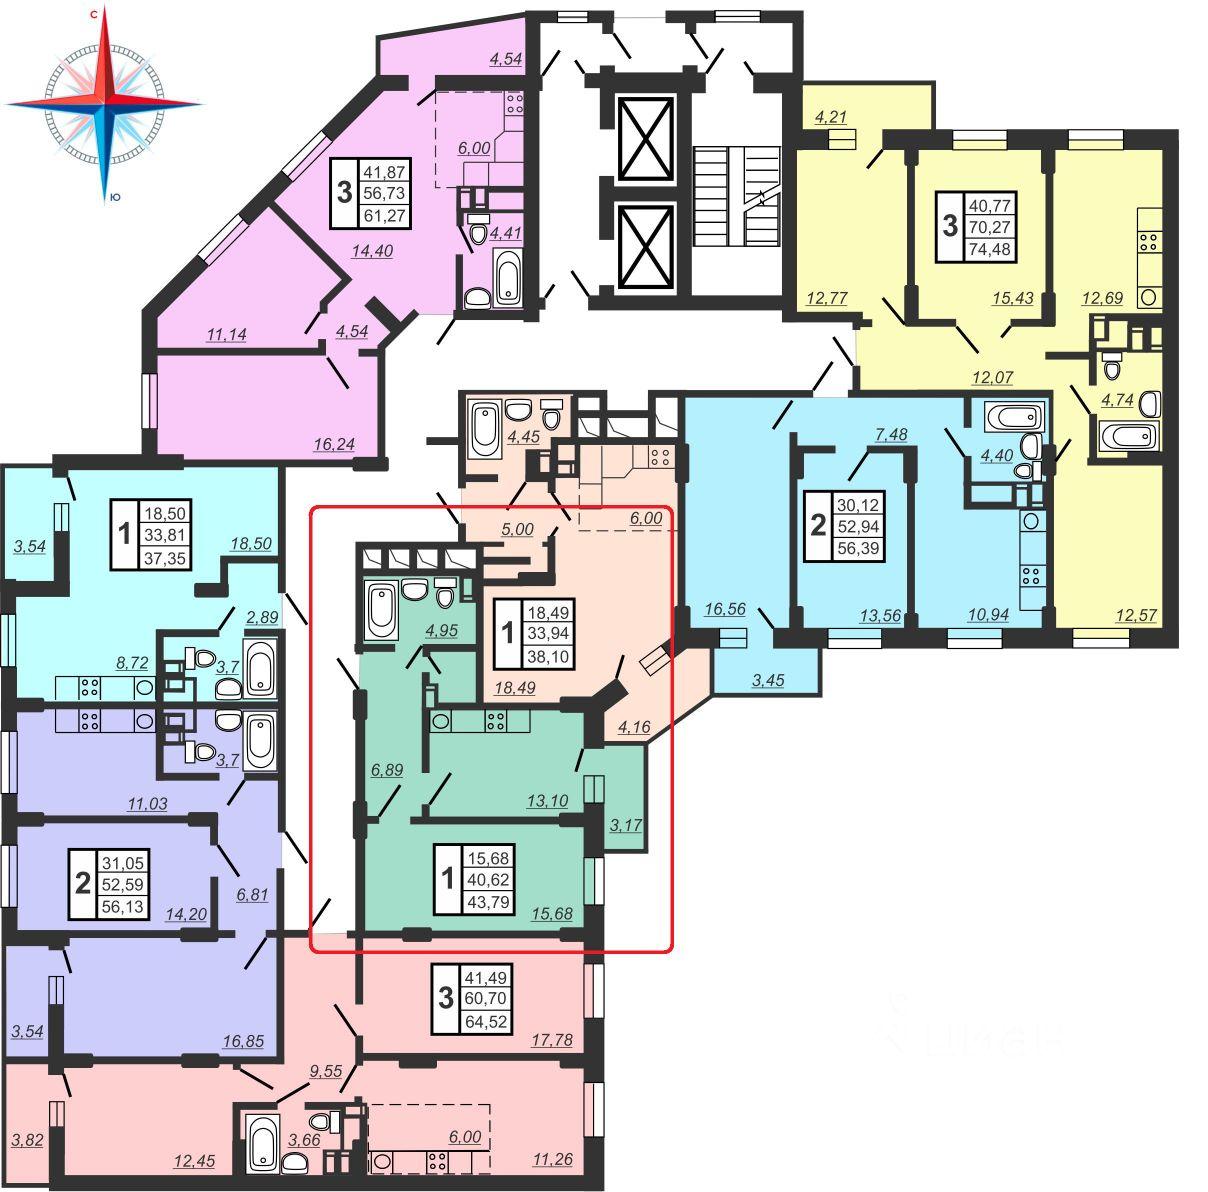 Купить однокомнатную квартиру 43.79м² Университетская Набережная ул., 59, Челябинск, Челябинская область, р-н Калининский, мкр. 6-й Академ Риверсайд - база ЦИАН, объявление 242759535